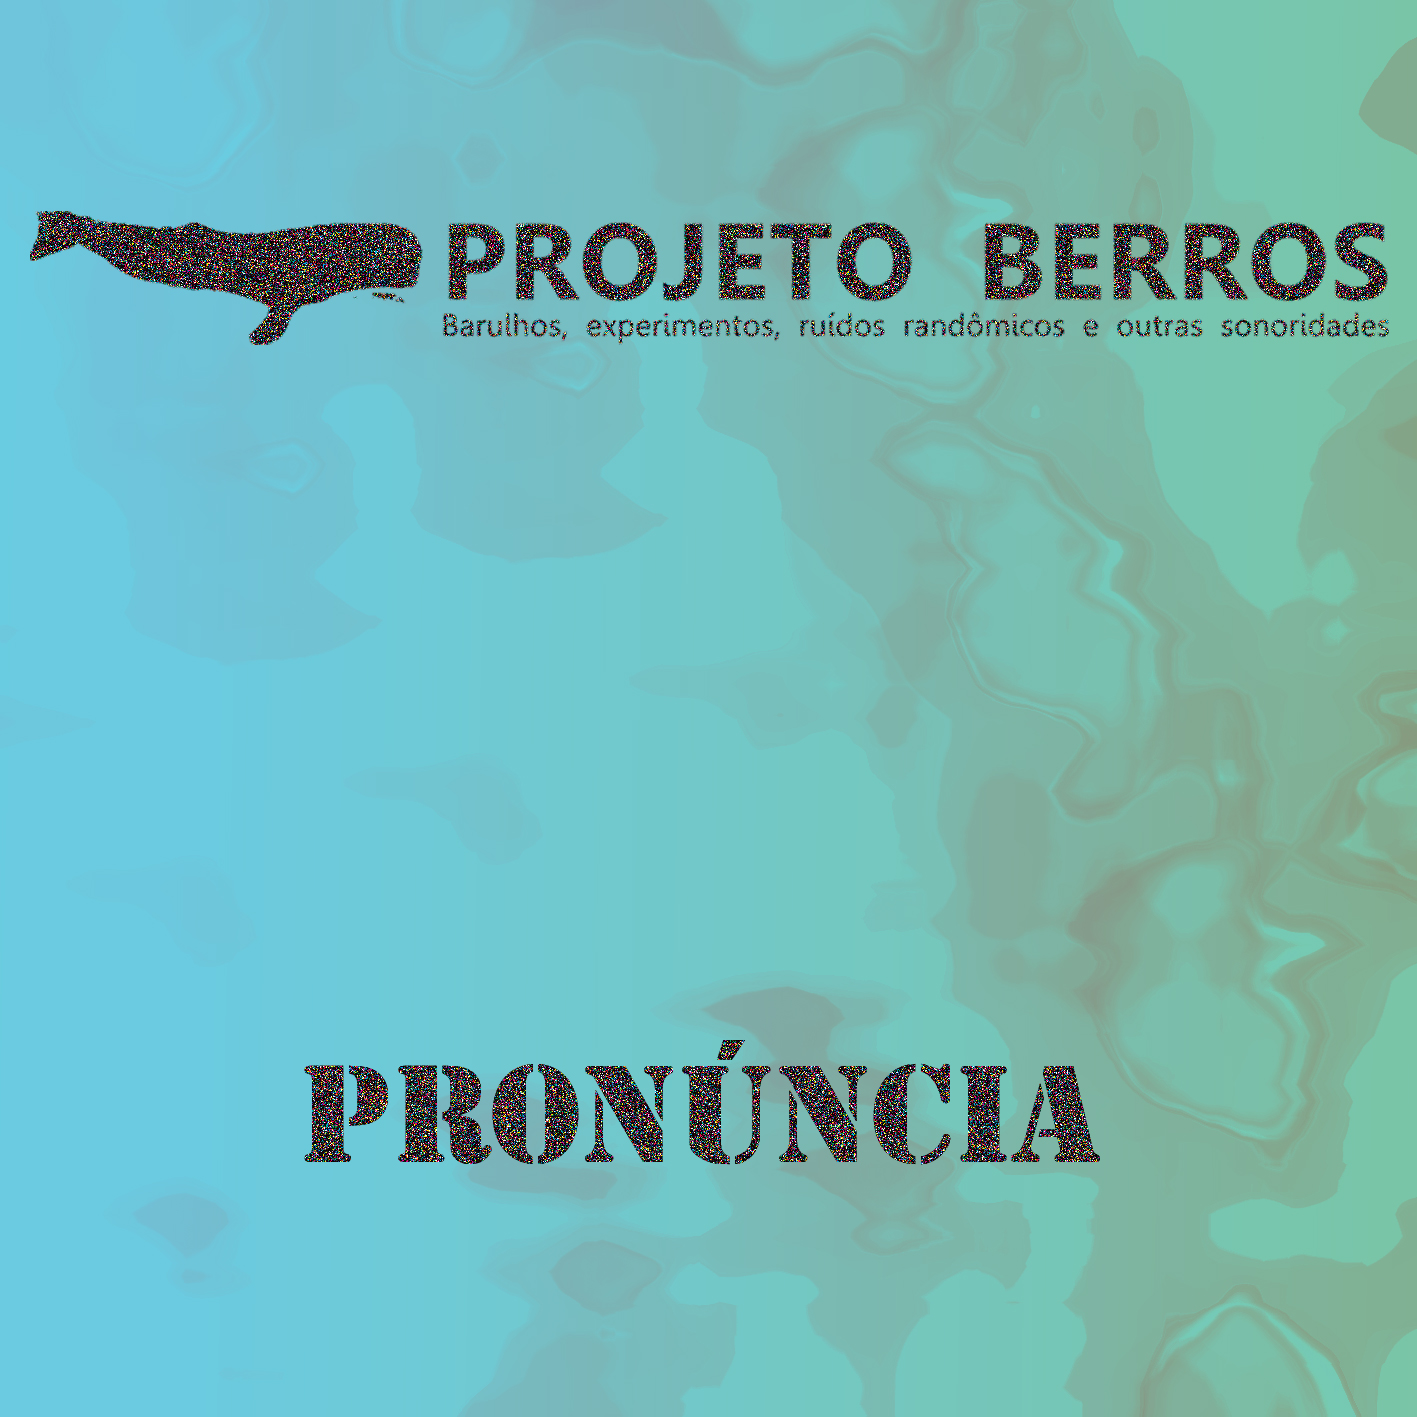 MSRCD 021 - PROJETO BERROS - Pronúncia